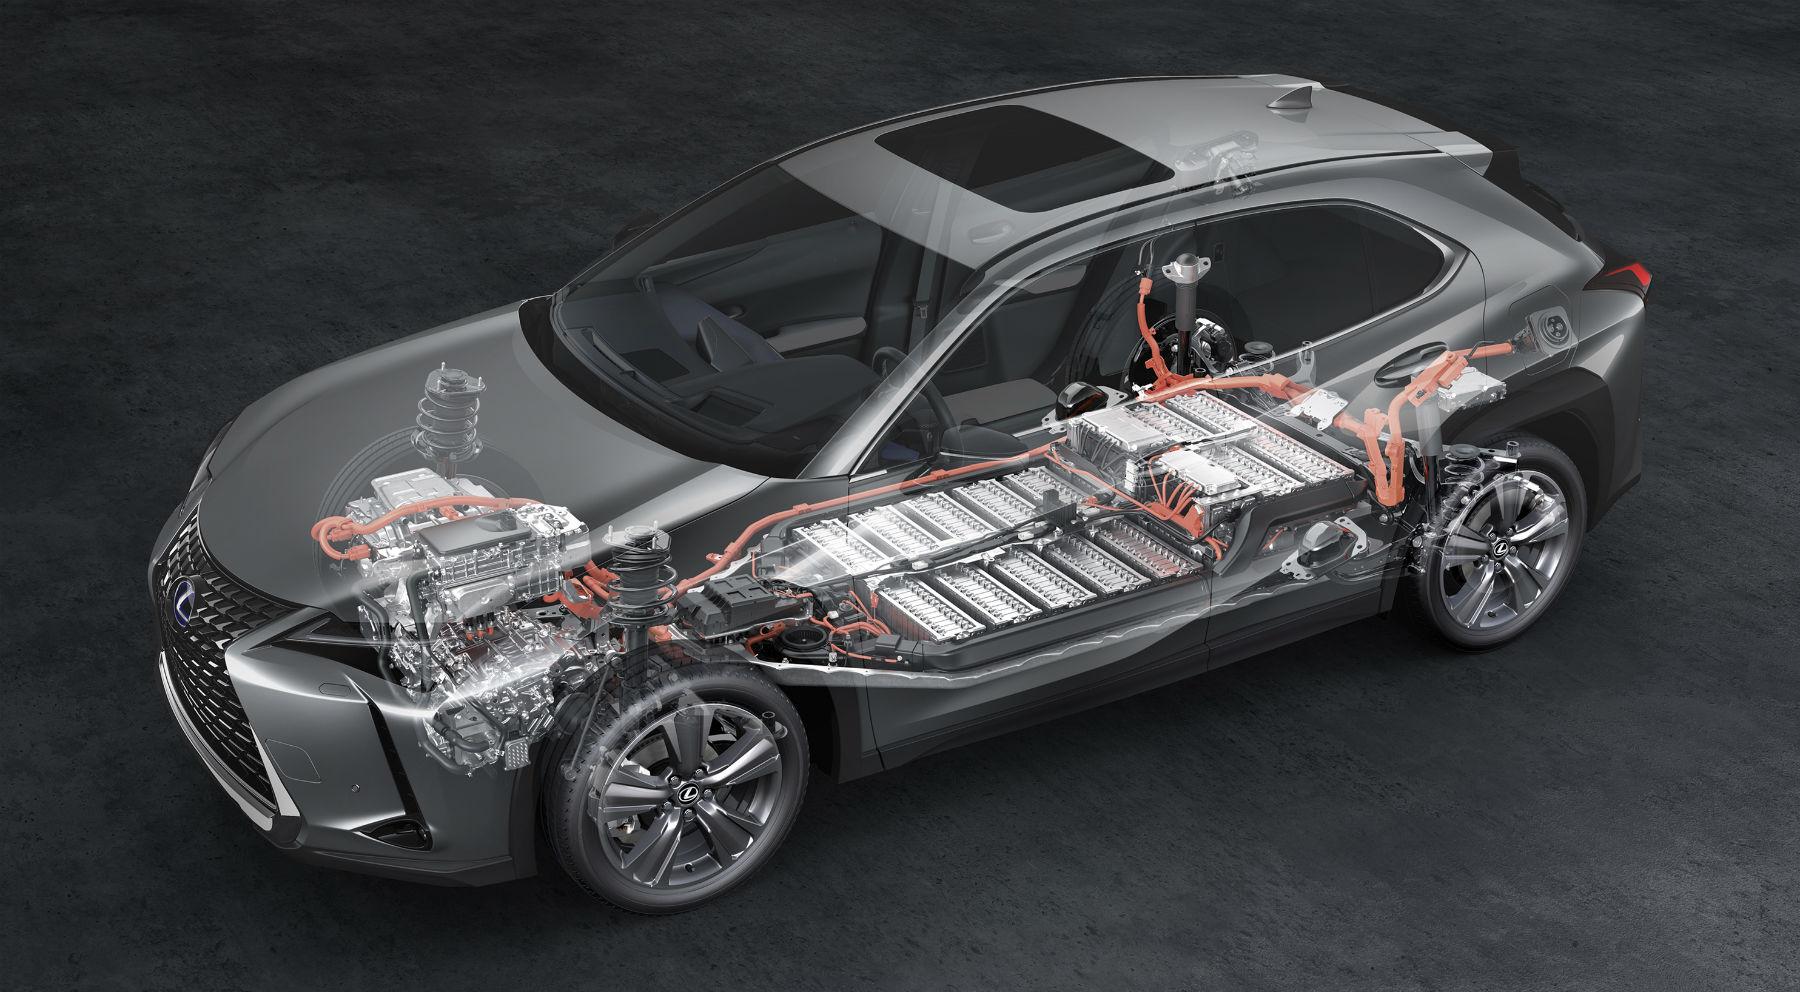 La batería del UX eléctrico promete un millón de kilómetros de vida   Eléctricos   Motor EL PAÍS